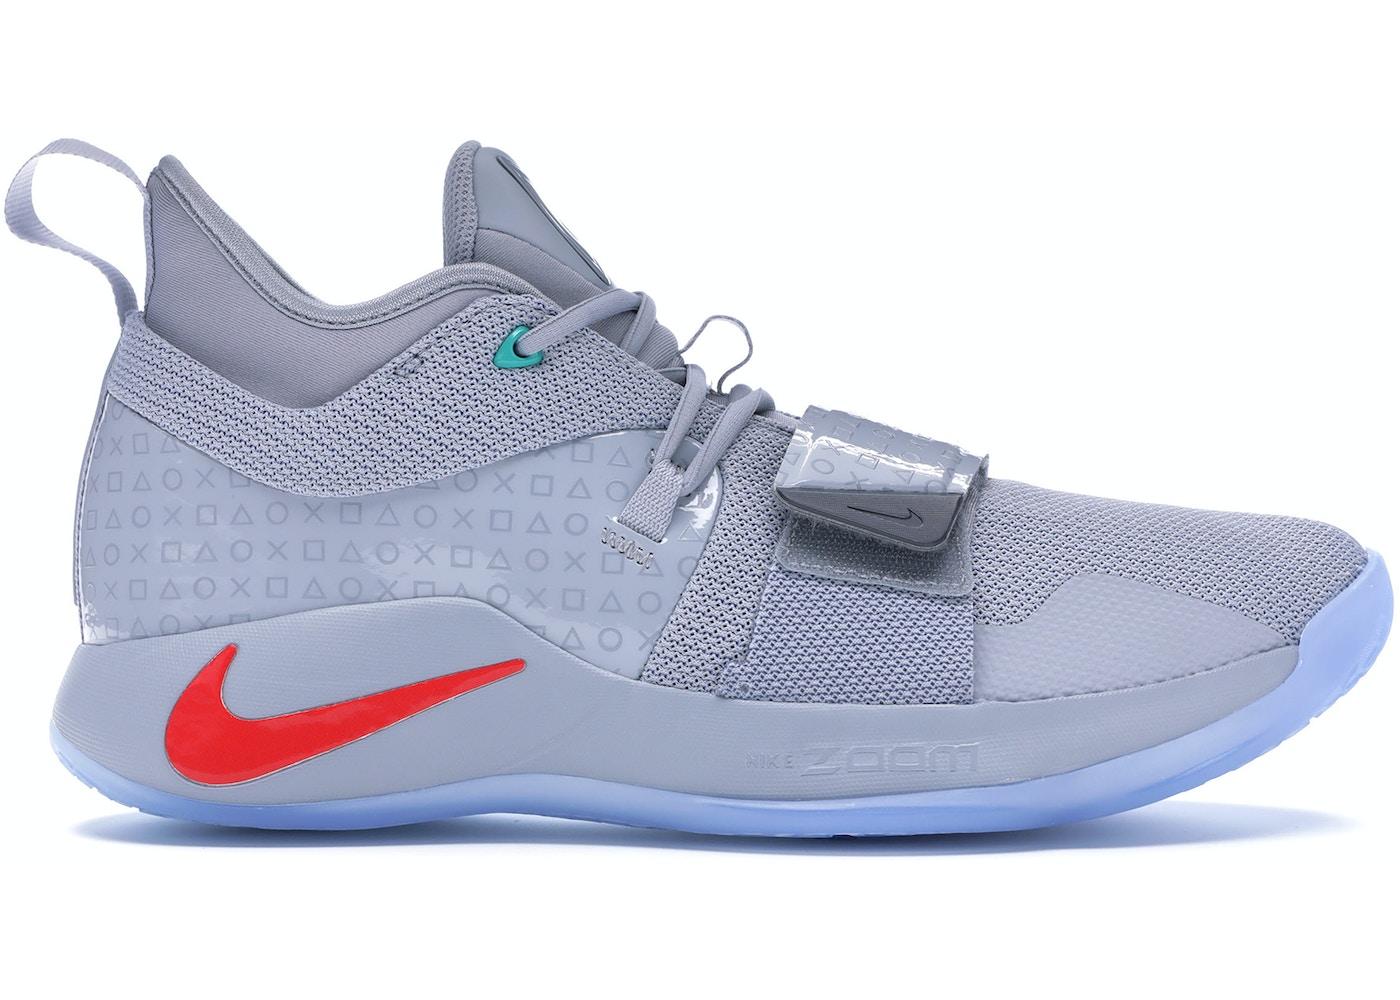 6ced0fd10faa Nike PG 2.5 Playstation Wolf Grey - BQ8388-001